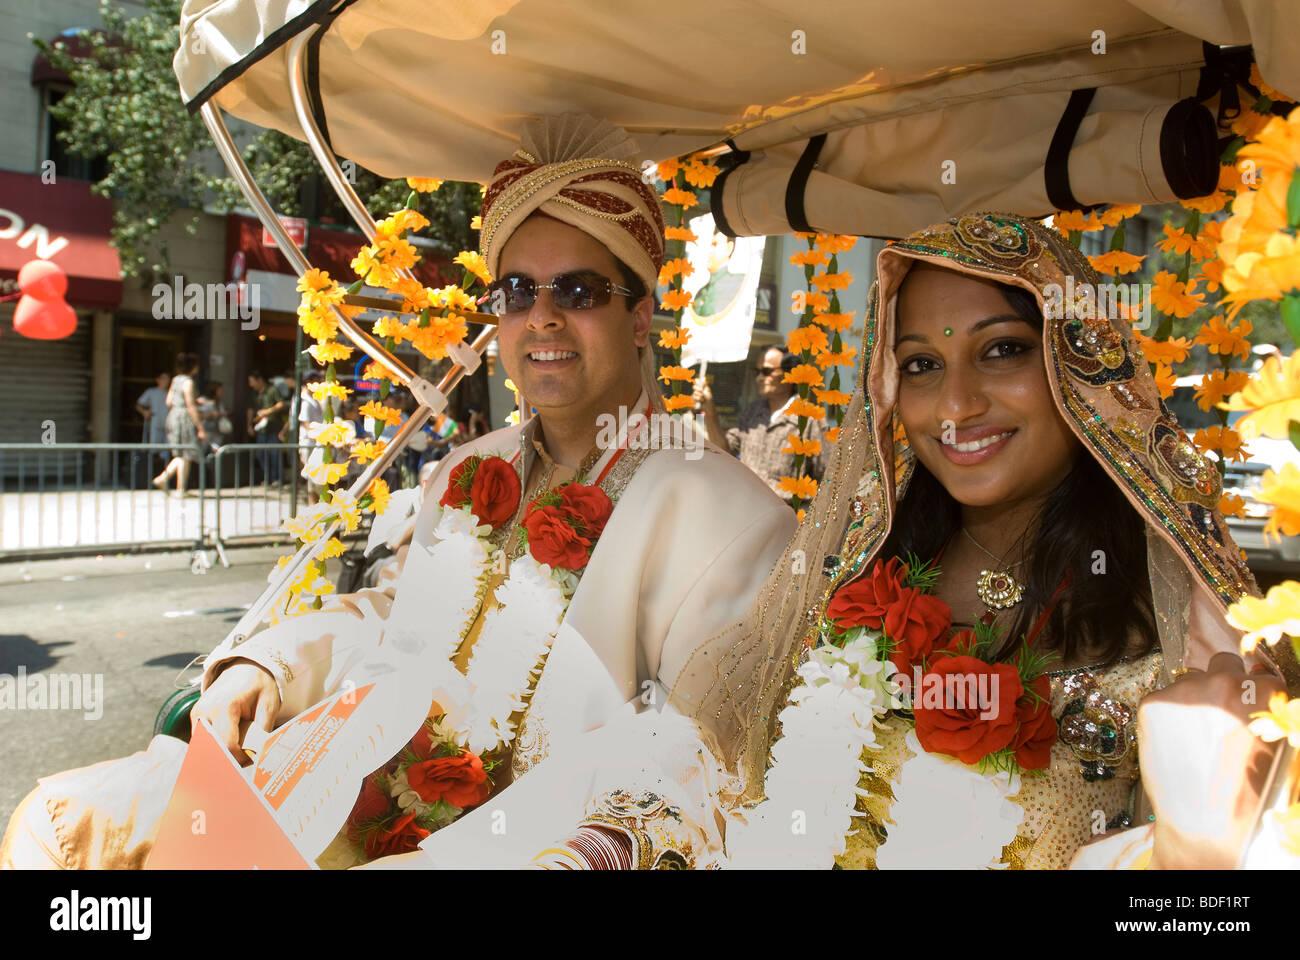 Un groupe favorisant la Bharat Mariage service de rencontres dans l'Indian Independence Day Parade à New Photo Stock